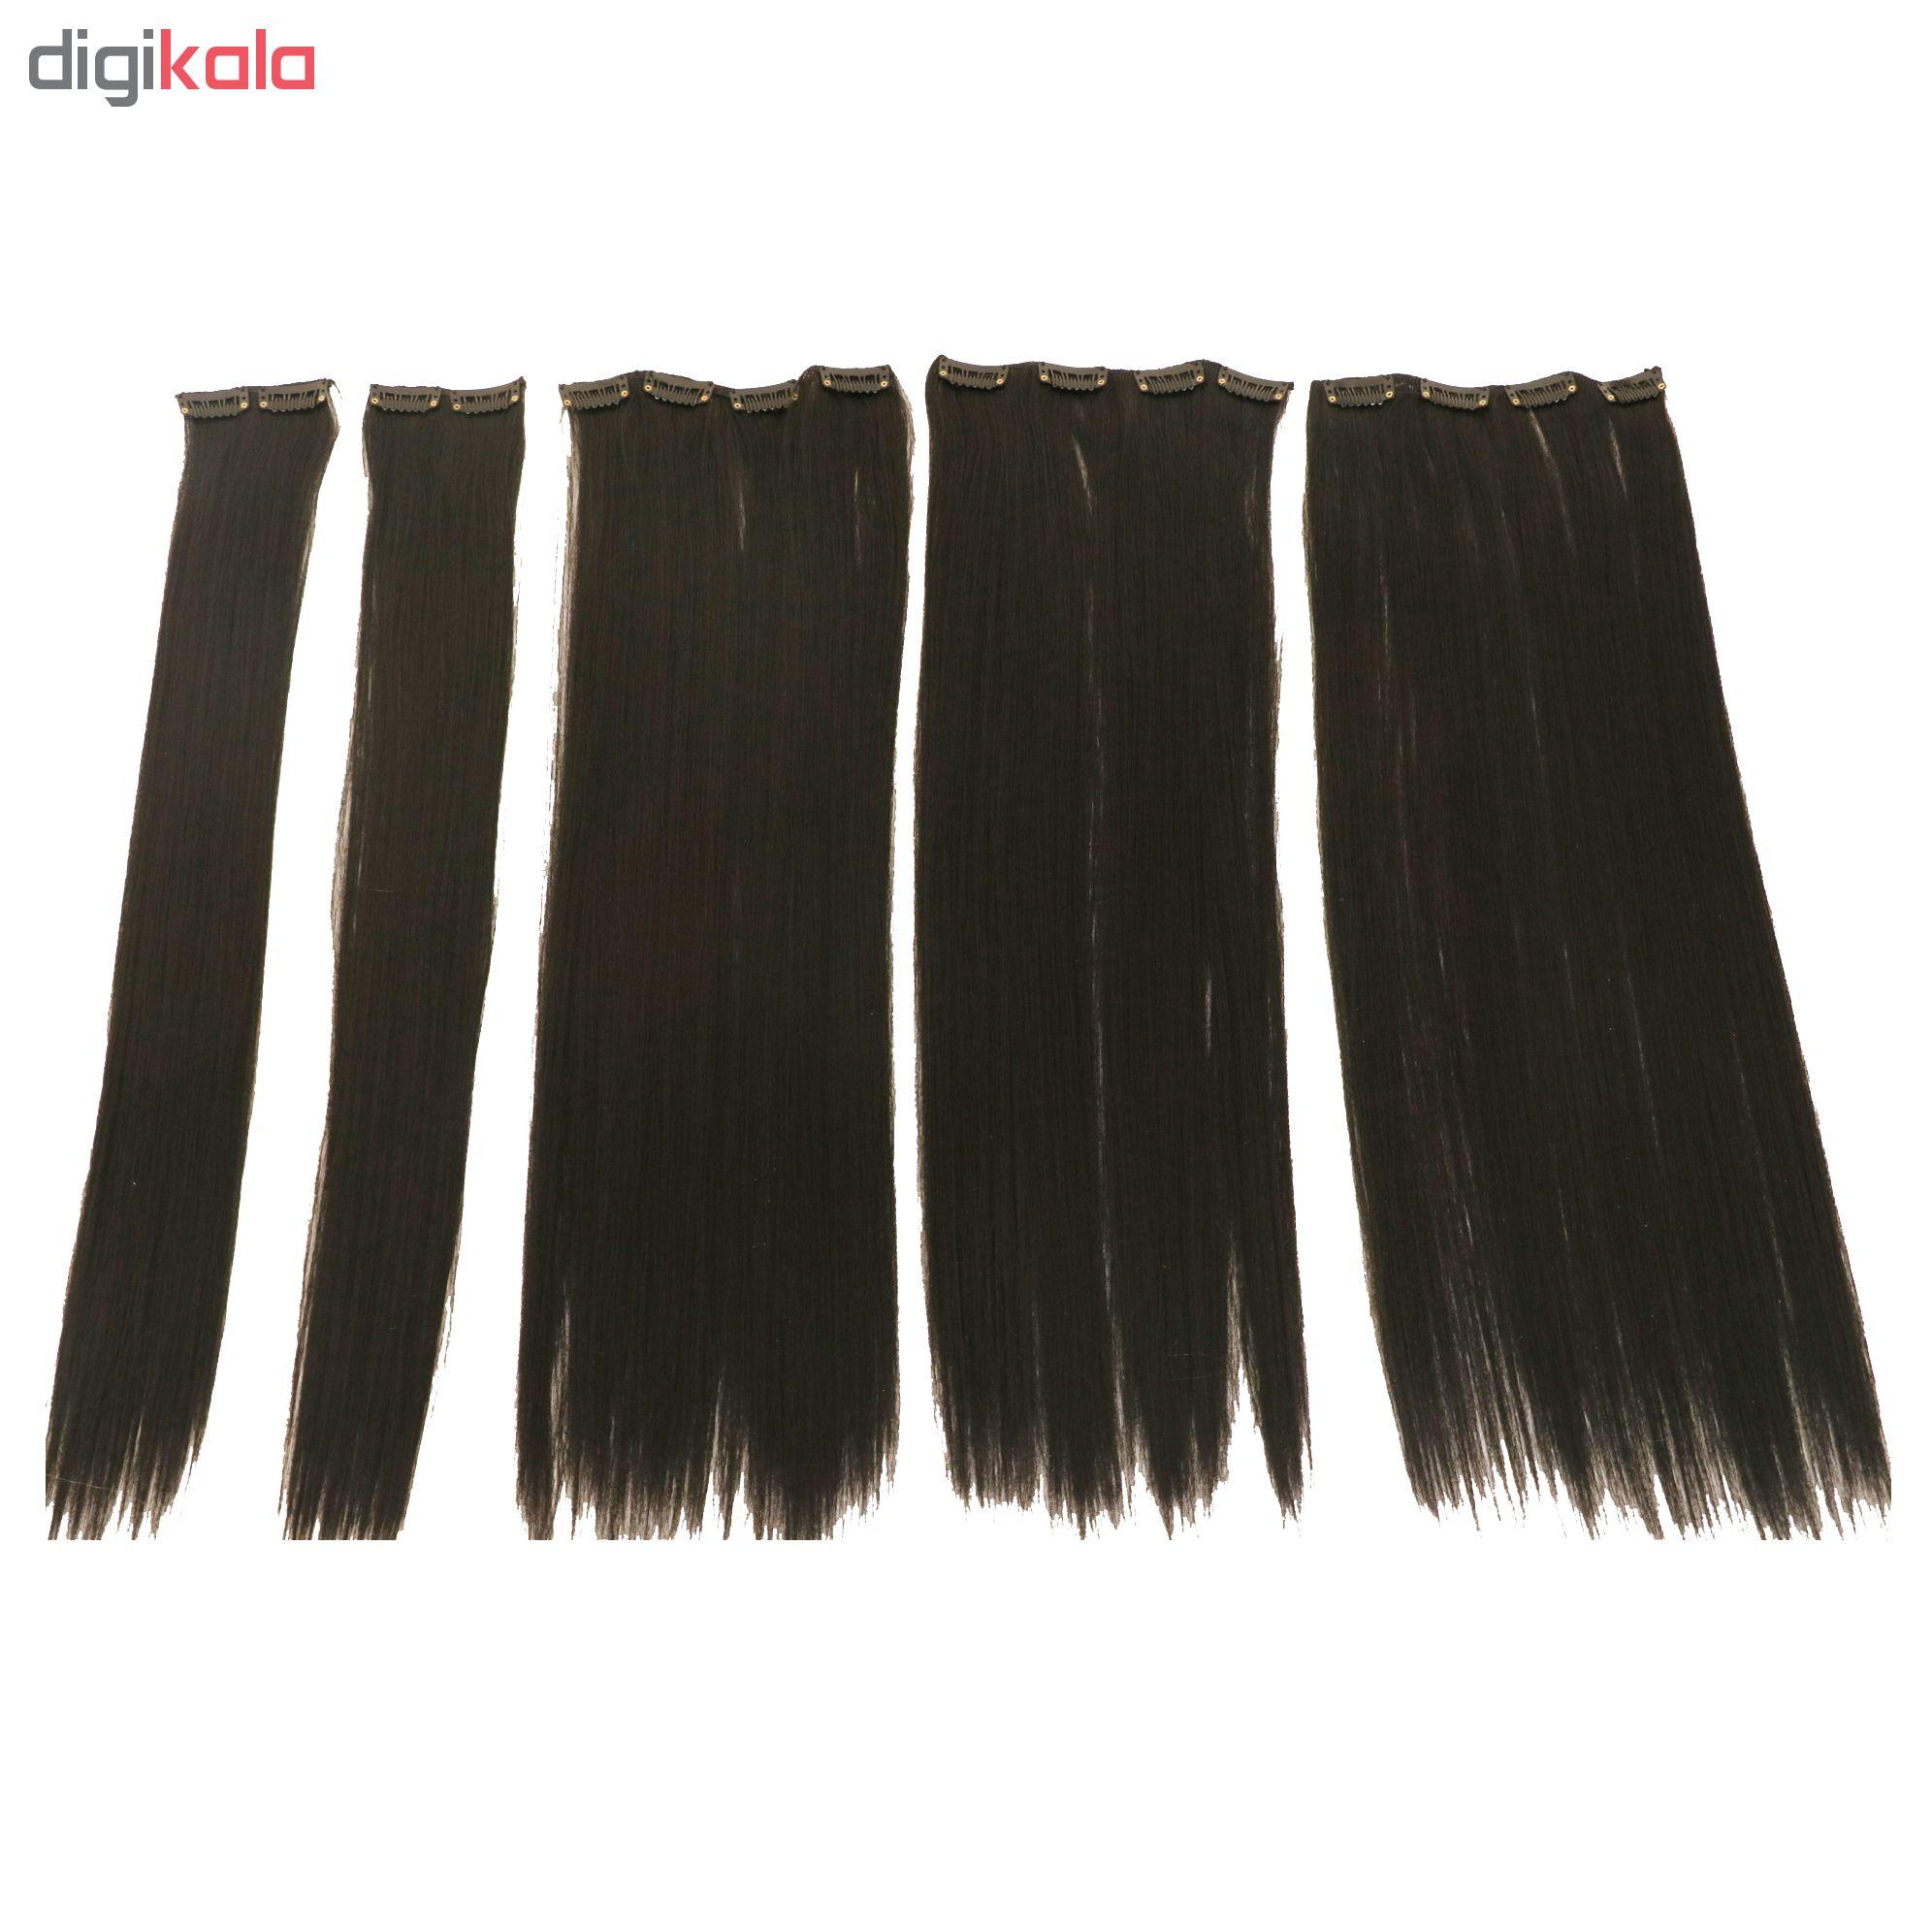 اکستنشن کلیپسی مو پوش دار رنگ مشکی طبیعی مدل 3041c-2